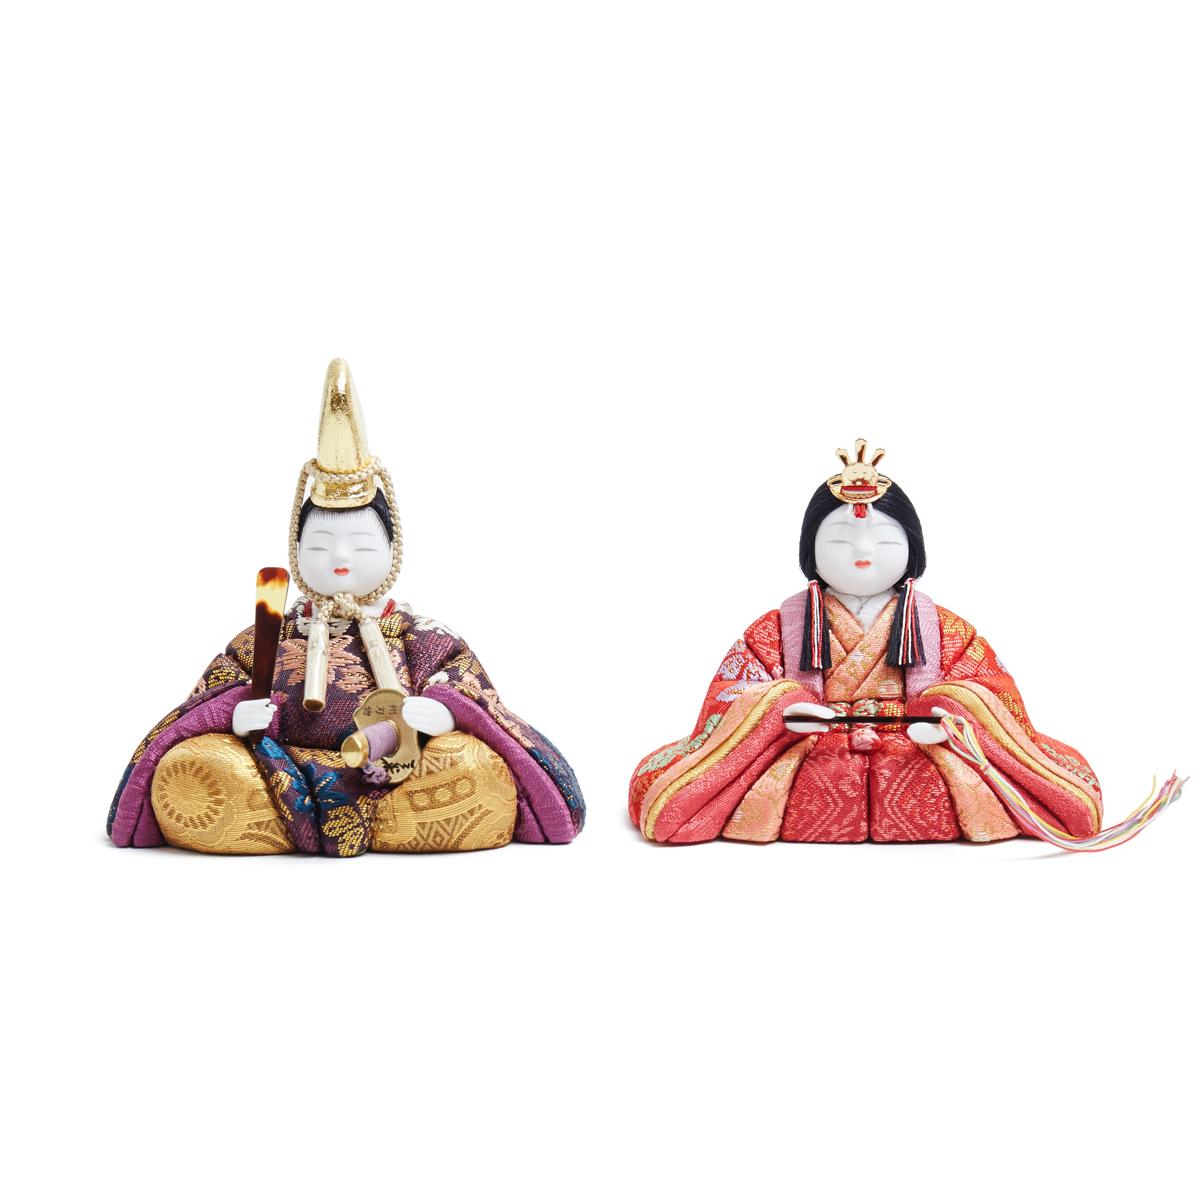 『毎年の幸せ』が御嬢様と家族に訪れる|《四季 親王飾》毎年飾るのが楽しみになる、7つの日本伝統工芸をコンパクトにした、木目込みプレミアム雛人形 | 四季 親王飾